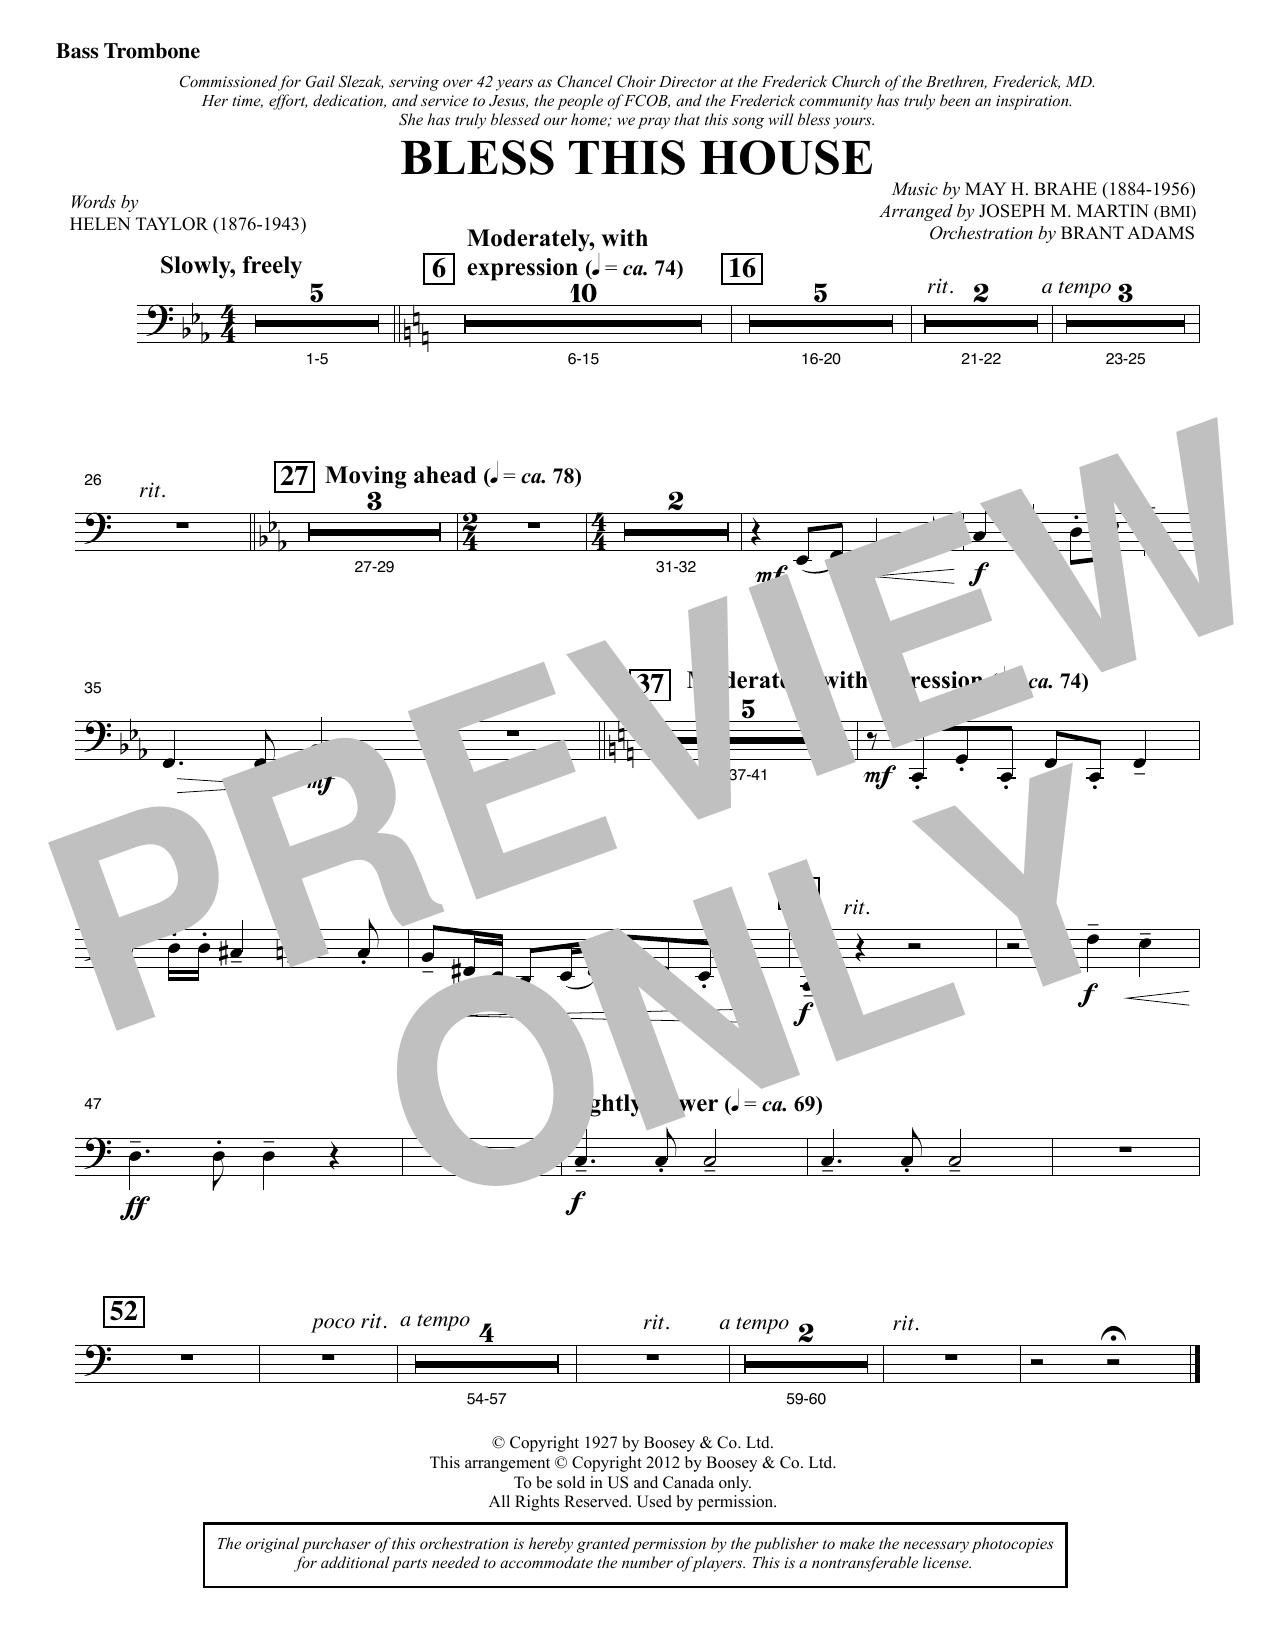 Bless This House - Bass Trombone Sheet Music